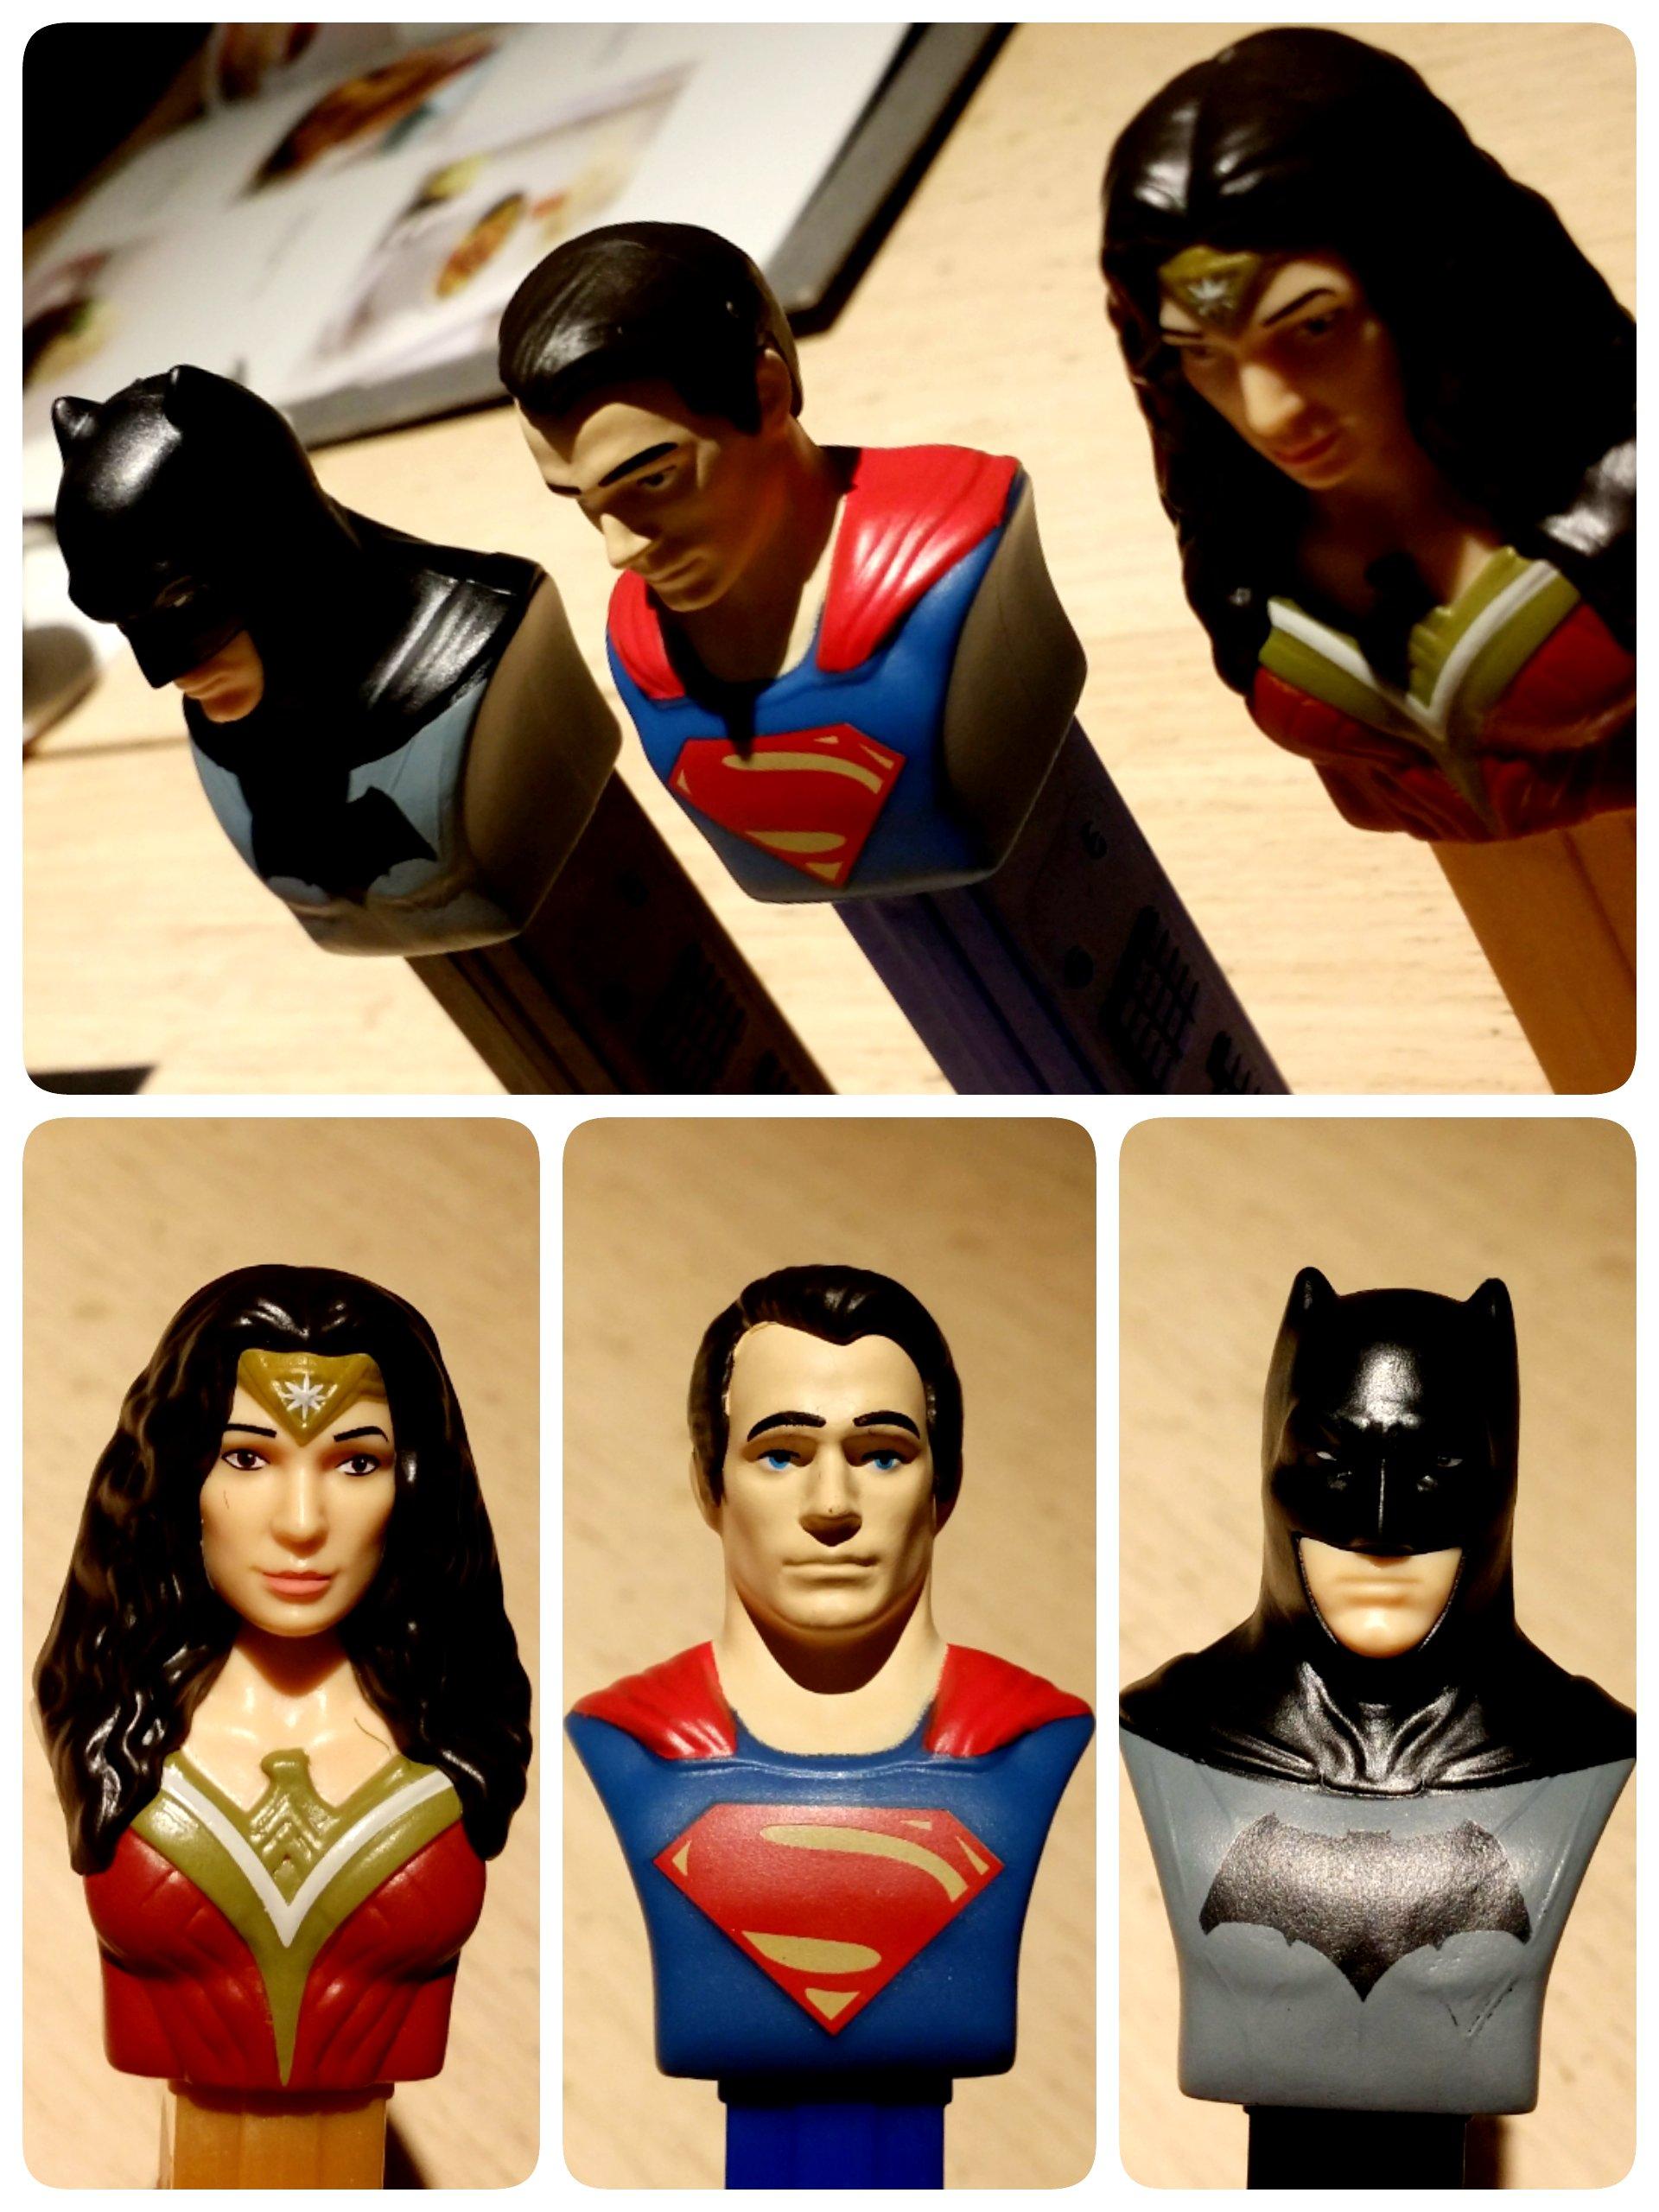 #batmanvssupermandawnofjustice #pez #batman #superman #wonderwoman #batfleck #benaffleck #henrycavill #galgadot #dccomics